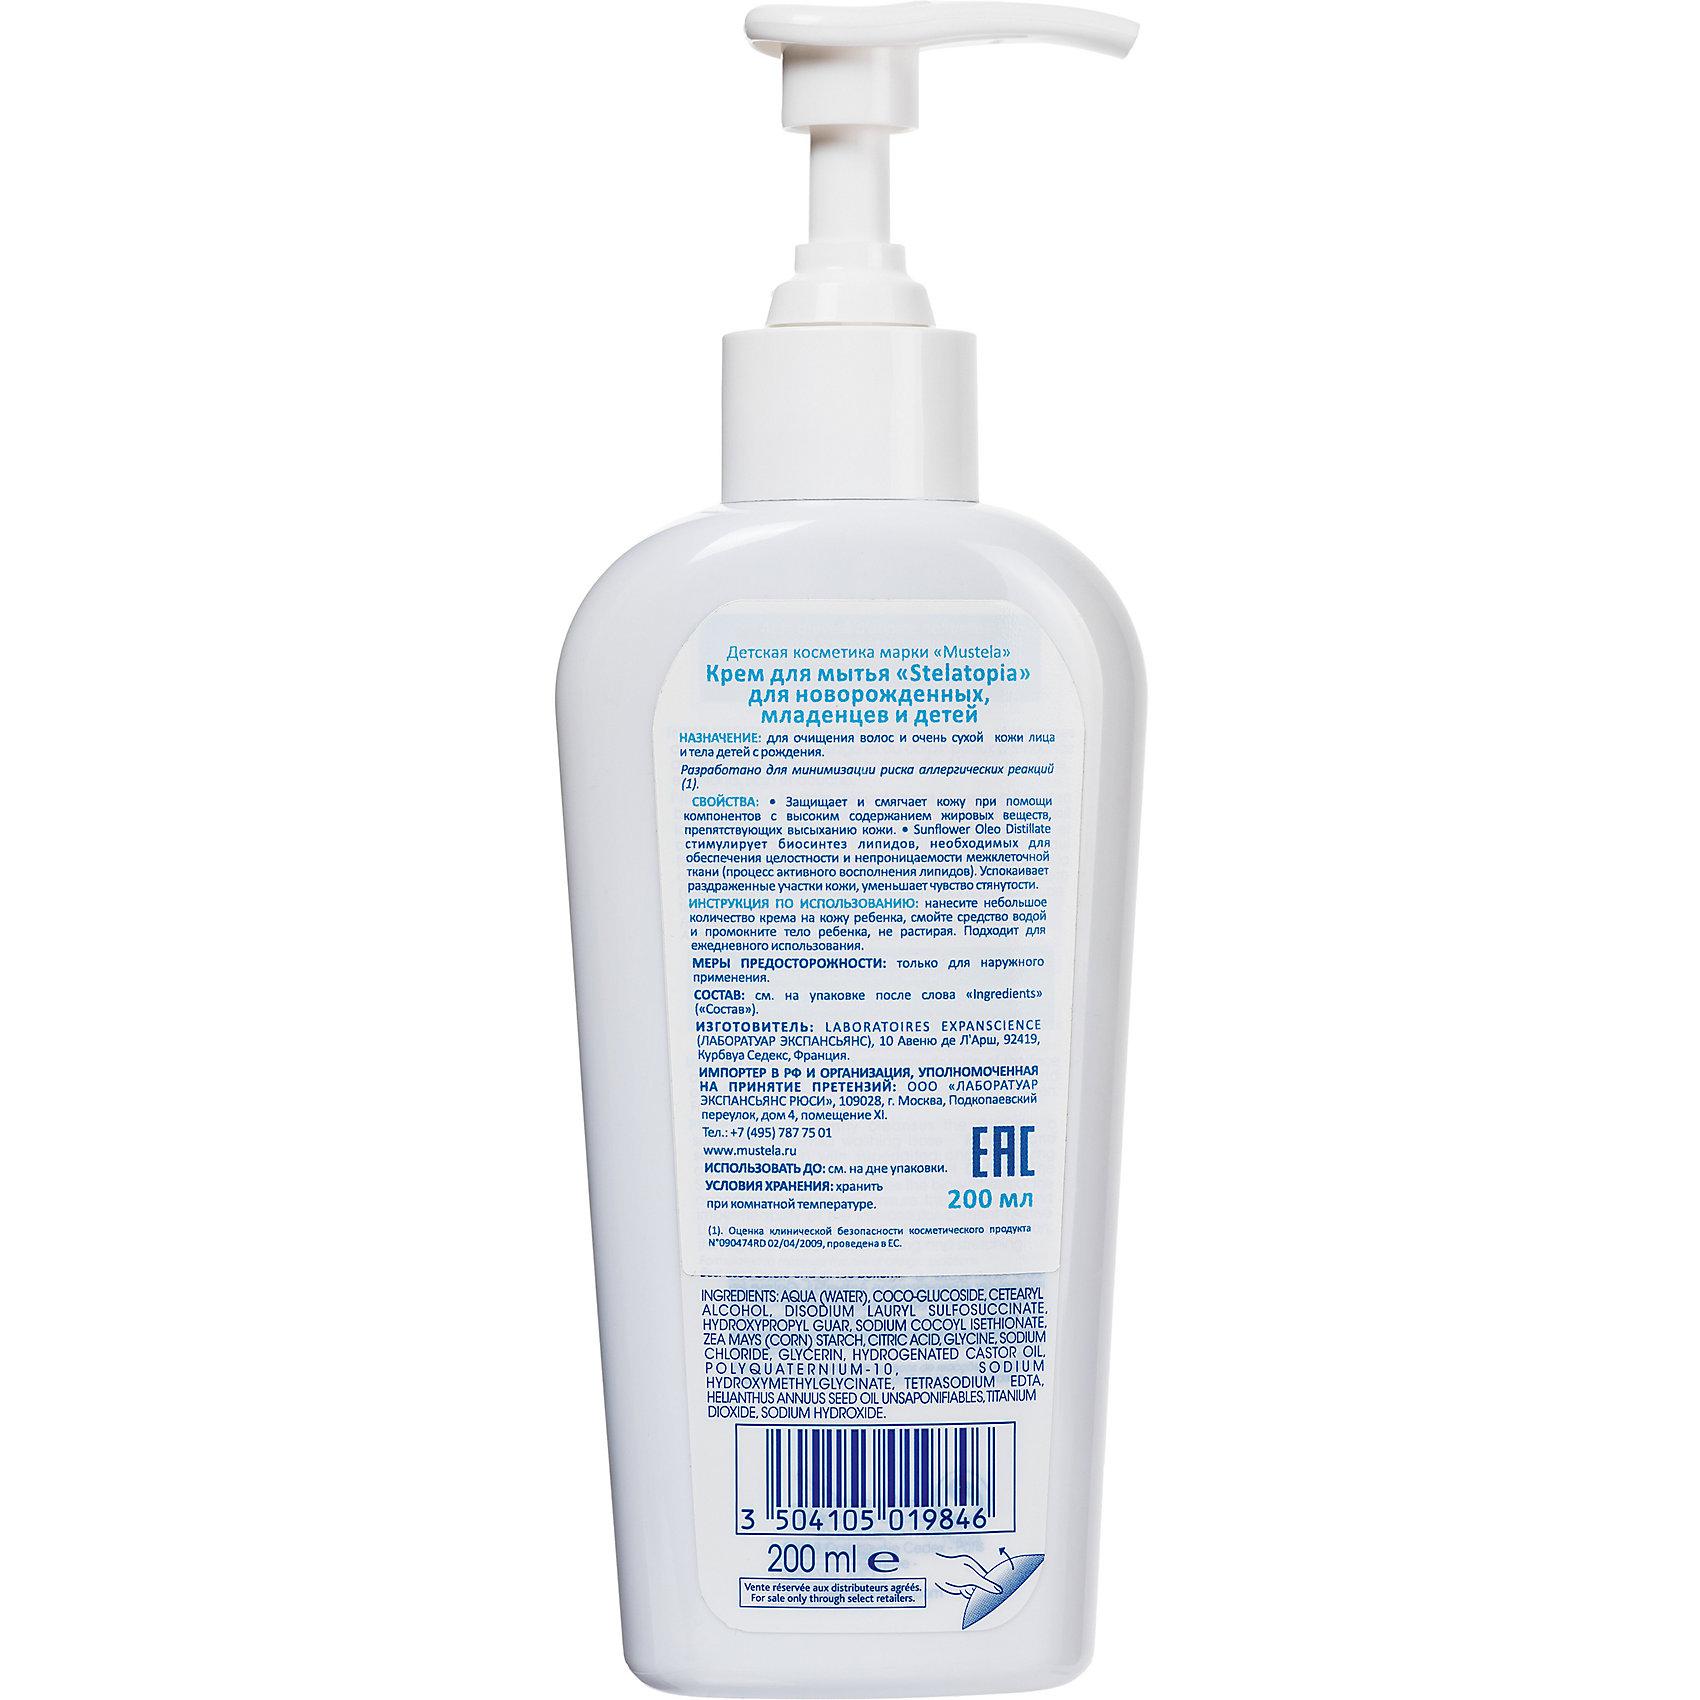 Крем для мытья Stelatopia для новорожденных, млад-ев и детей, 200 мл., Mustela